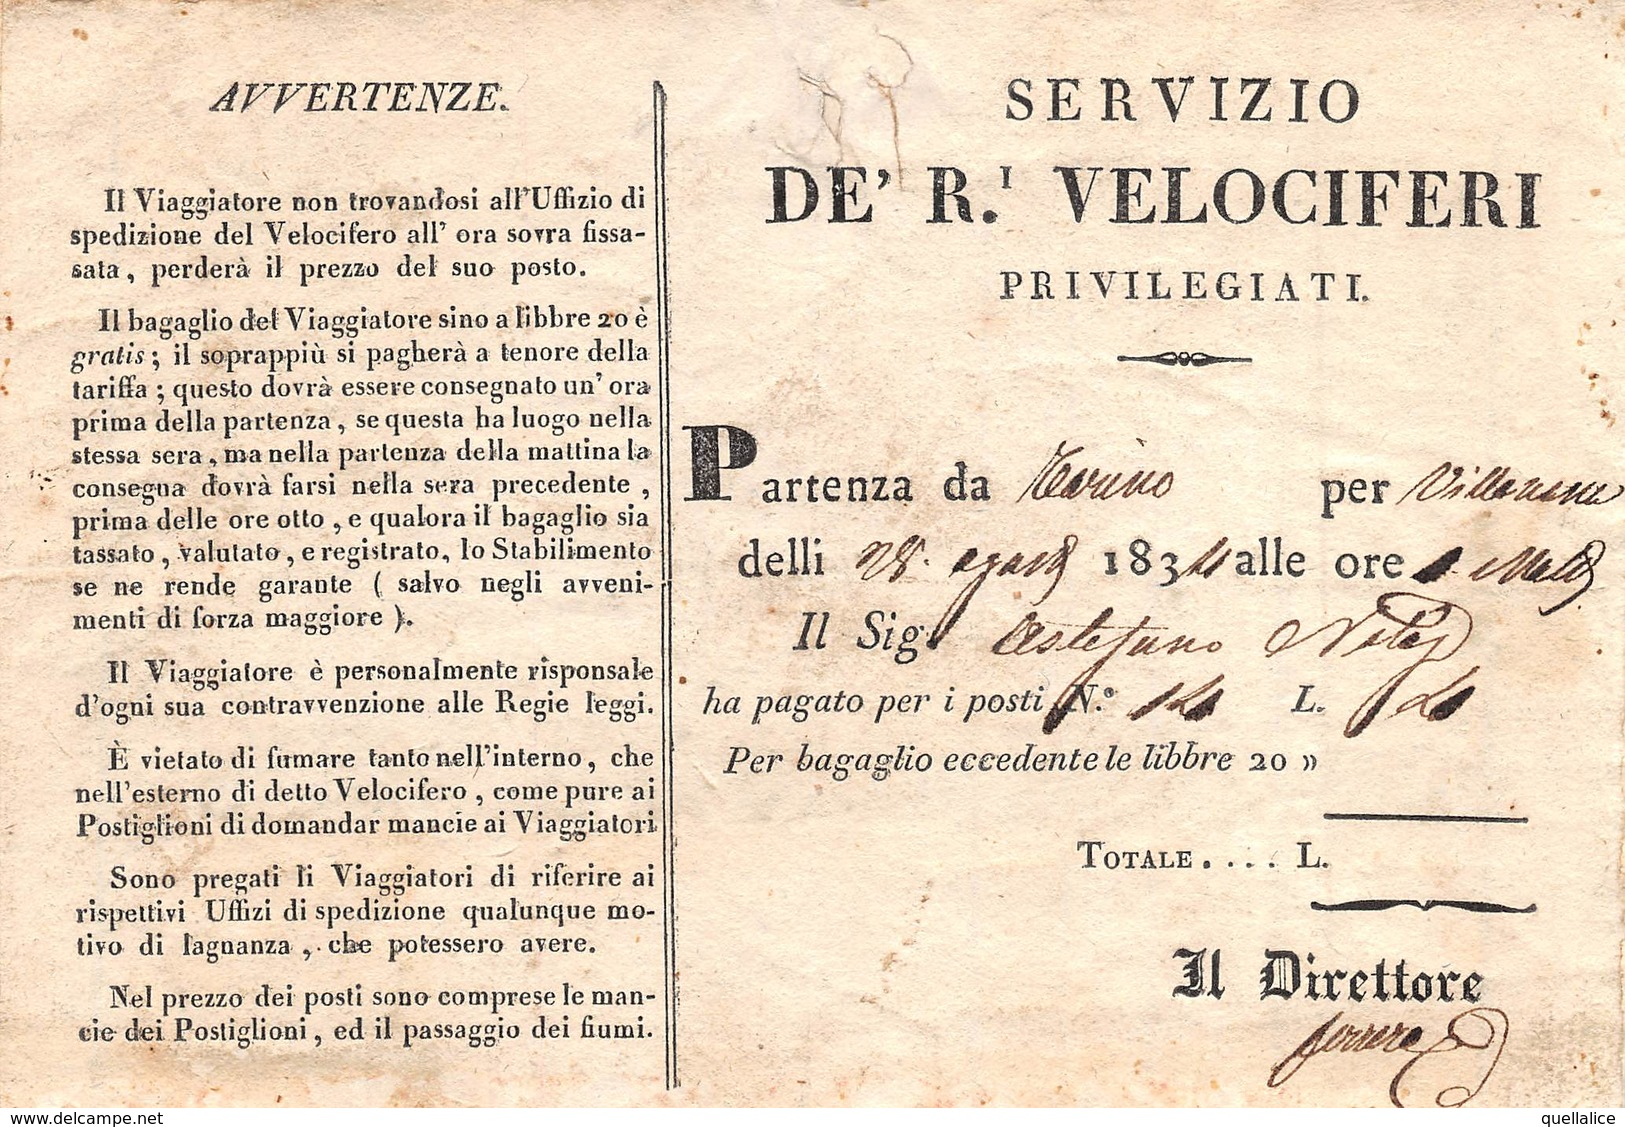 """0992 """"SERVIZIO DE' R. VELOCIFERI - 28 AGOSTO 1834 - BIGLIETTO TRASPORTO DA TORINO A VILLANUOVA"""" - Chemins De Fer"""